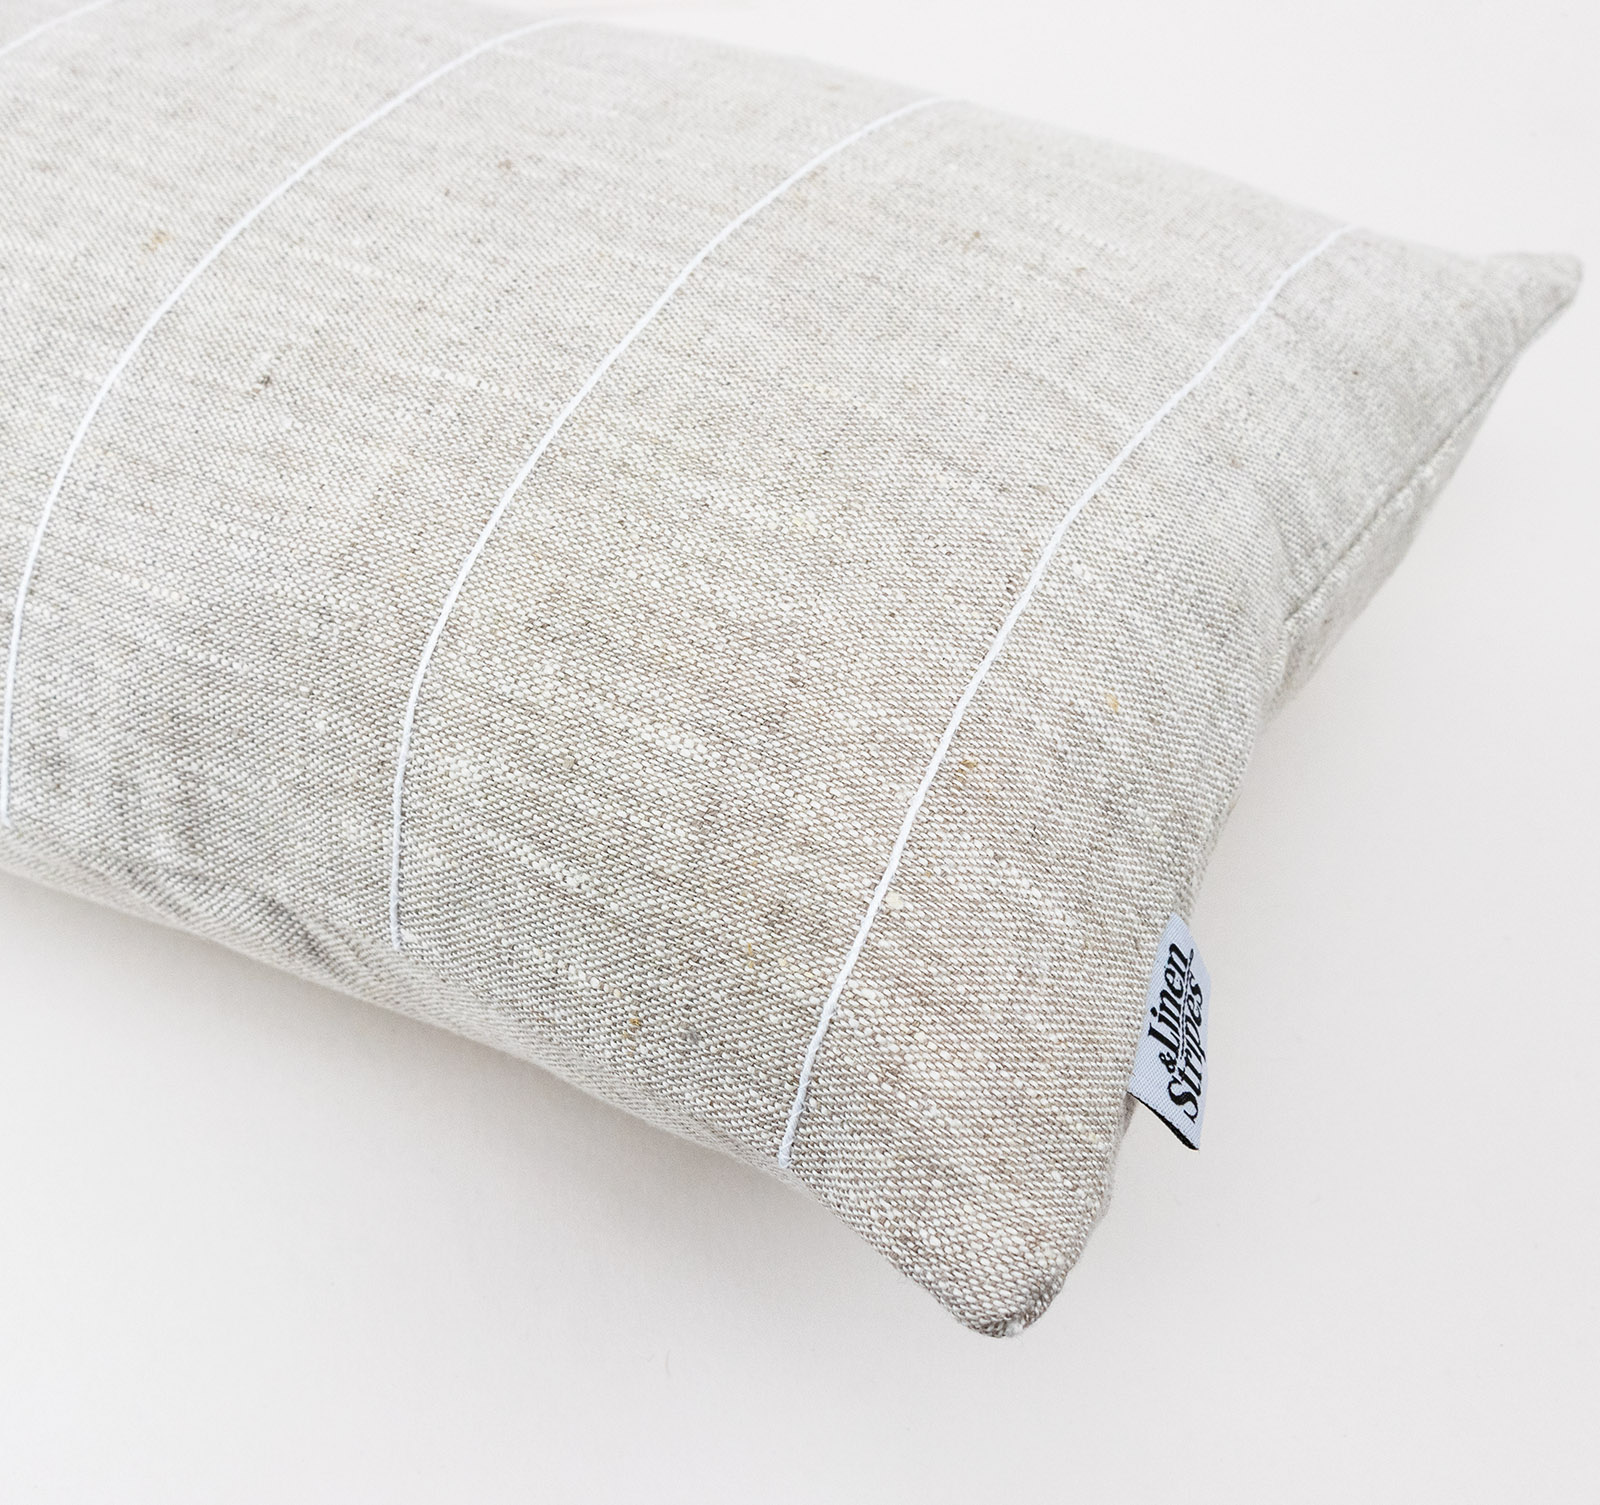 Beige Linen Body Pillow Cover Linen